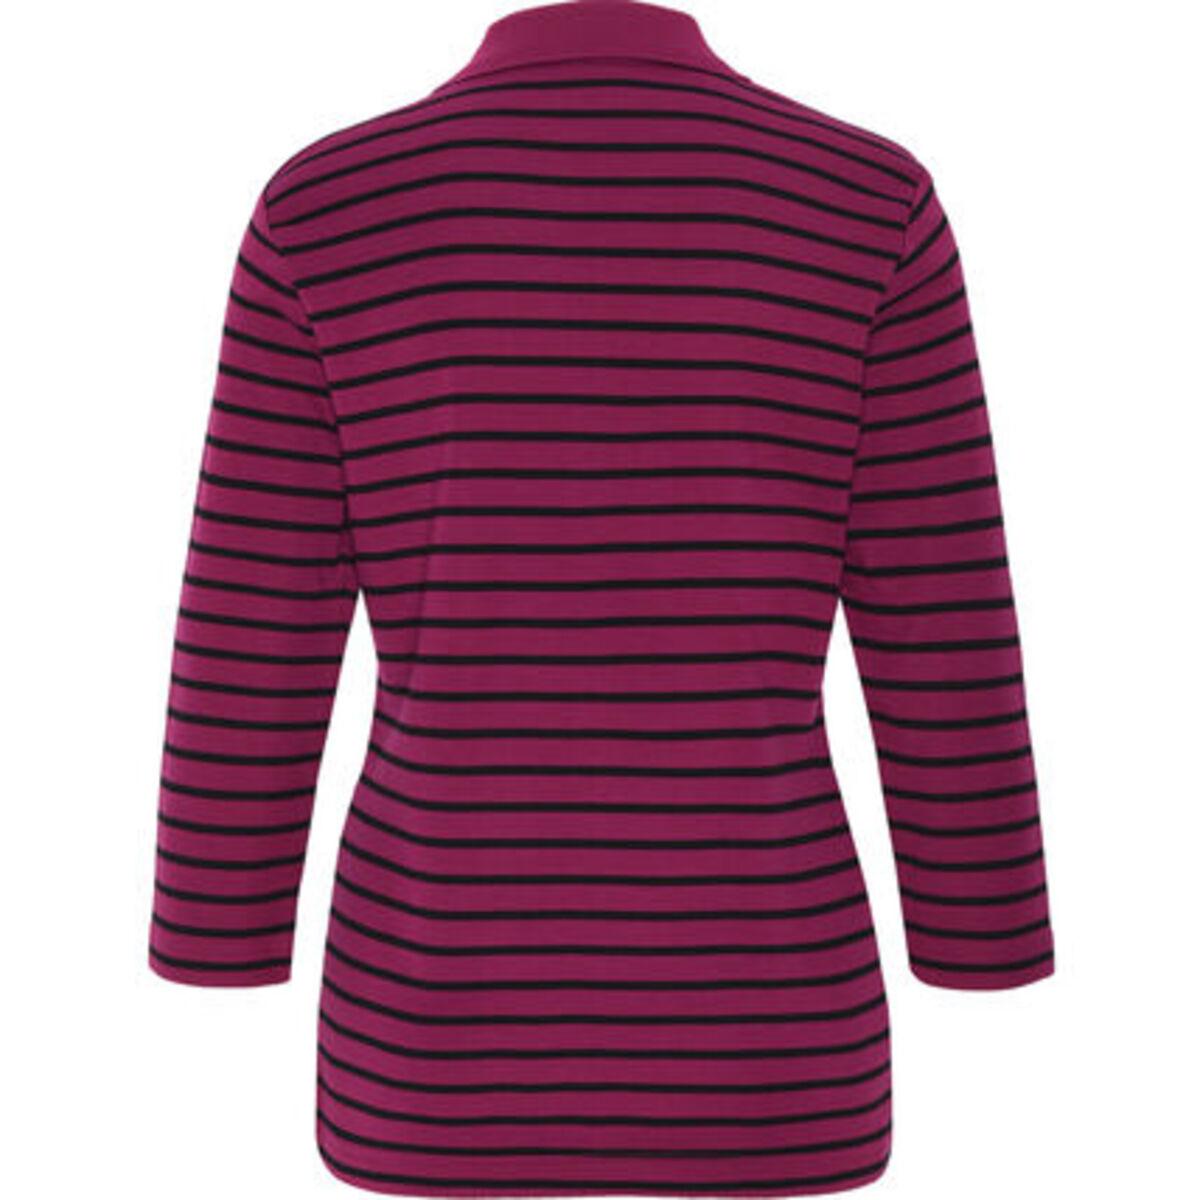 """Bild 2 von Adagio Poloshirt """"Tilda"""", 3/4 Ärmel, Streifen, Pima Cotton, für Damen"""